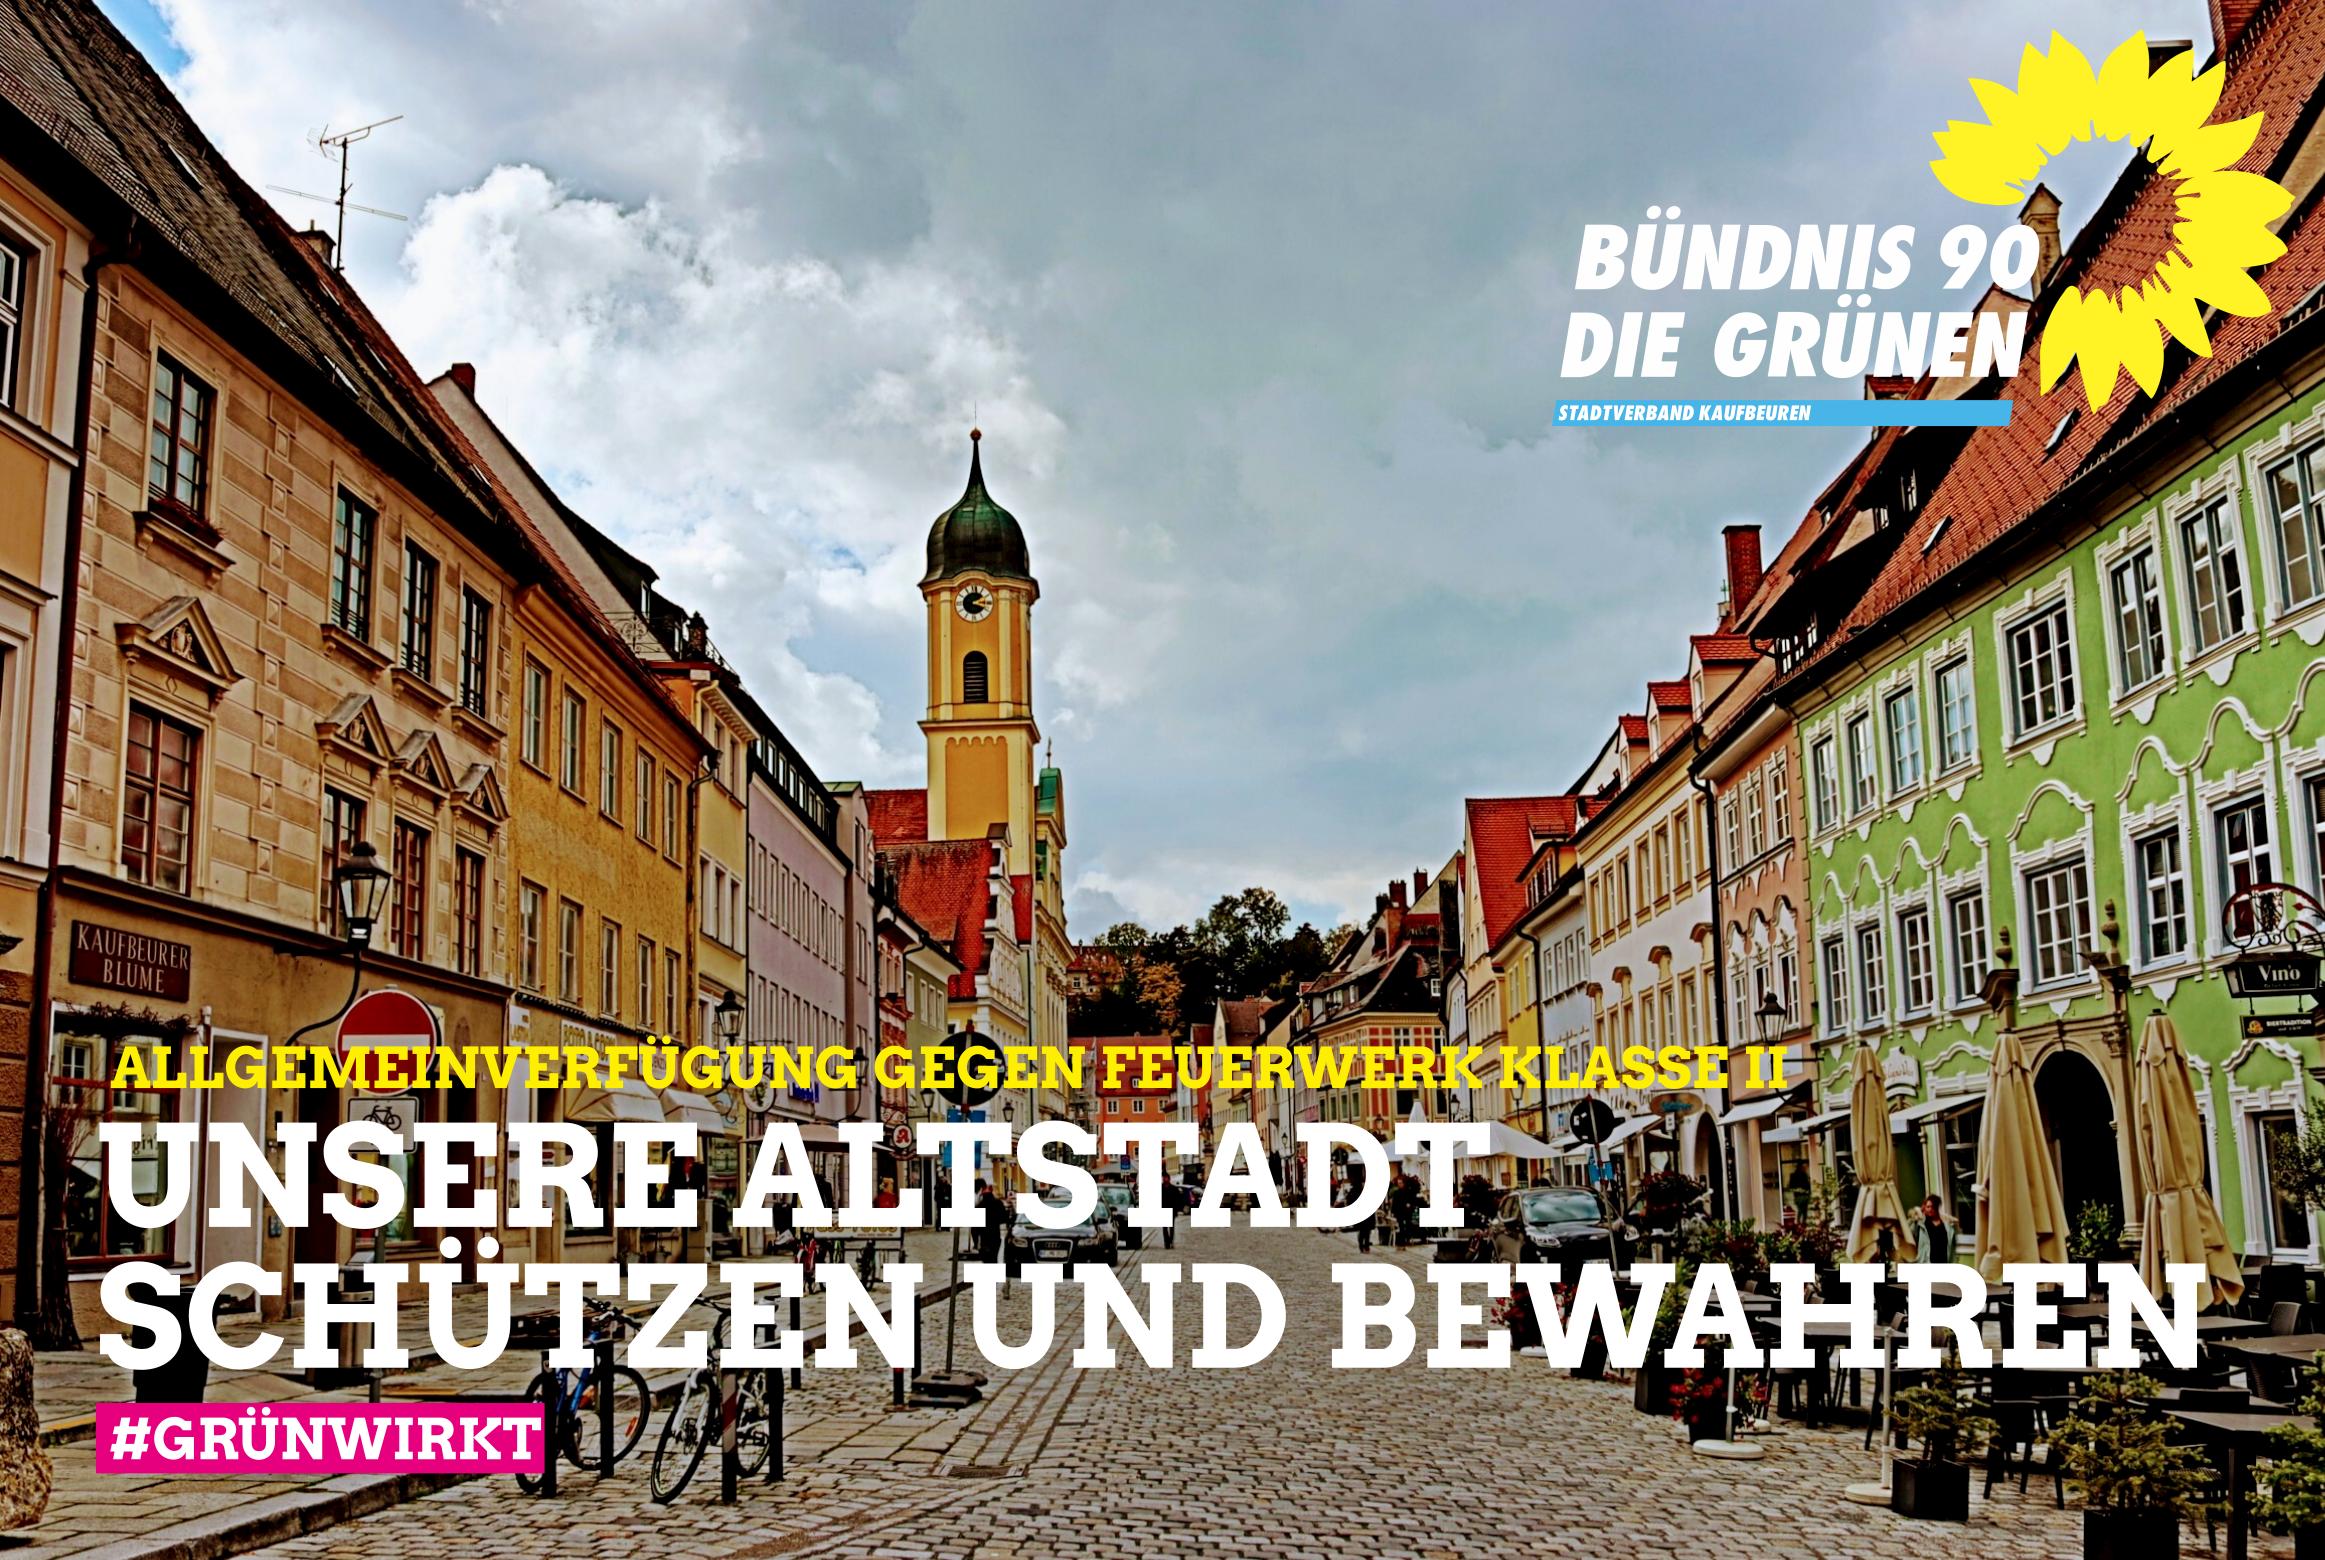 Abbrennverbot für Feuerwerk der Klasse II in der Altstadt